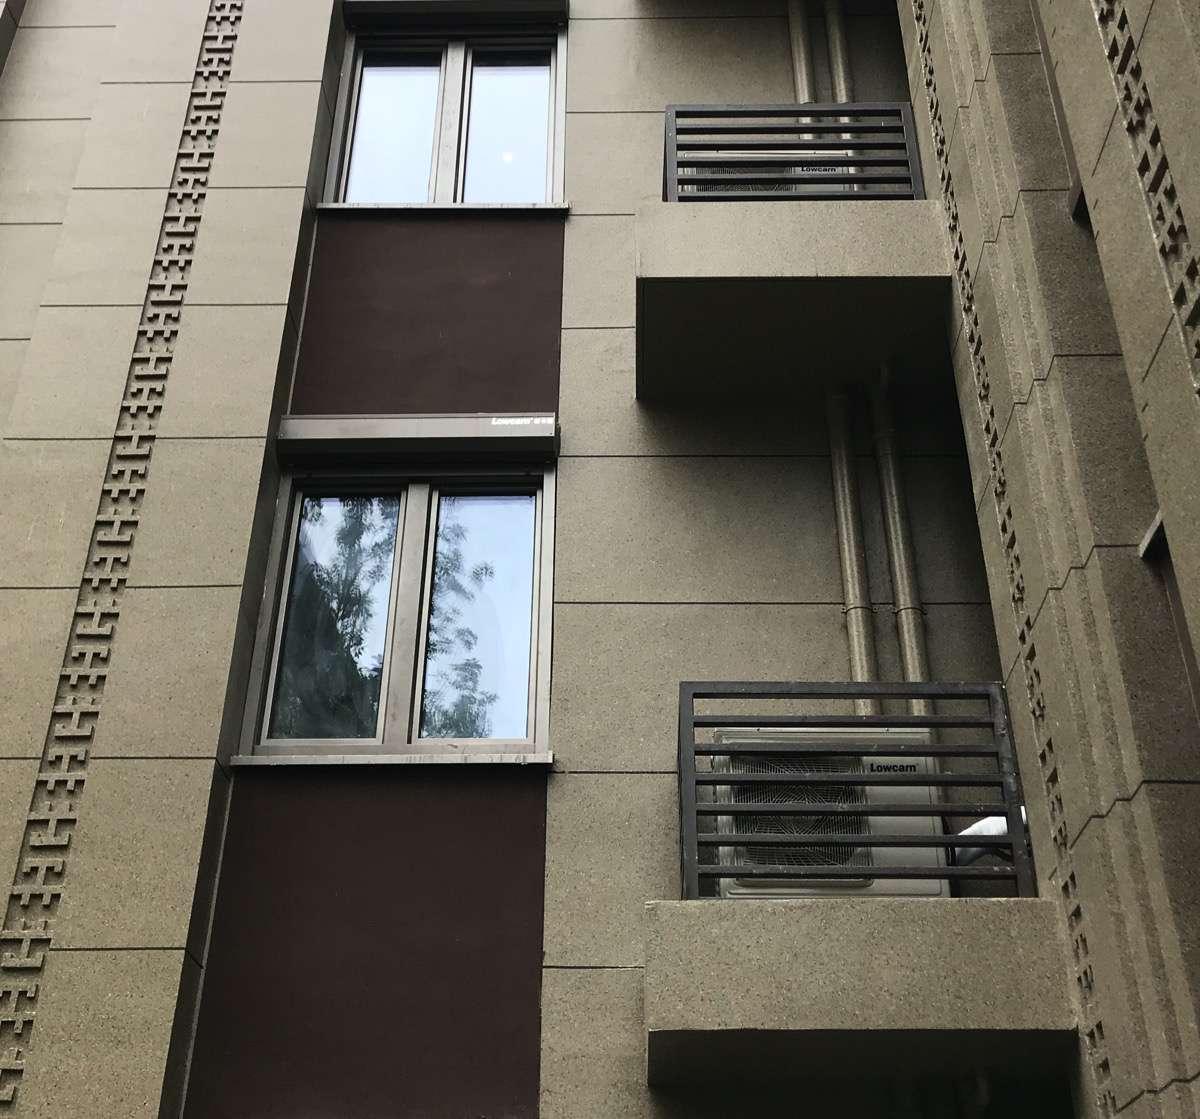 balconies with heat pumps